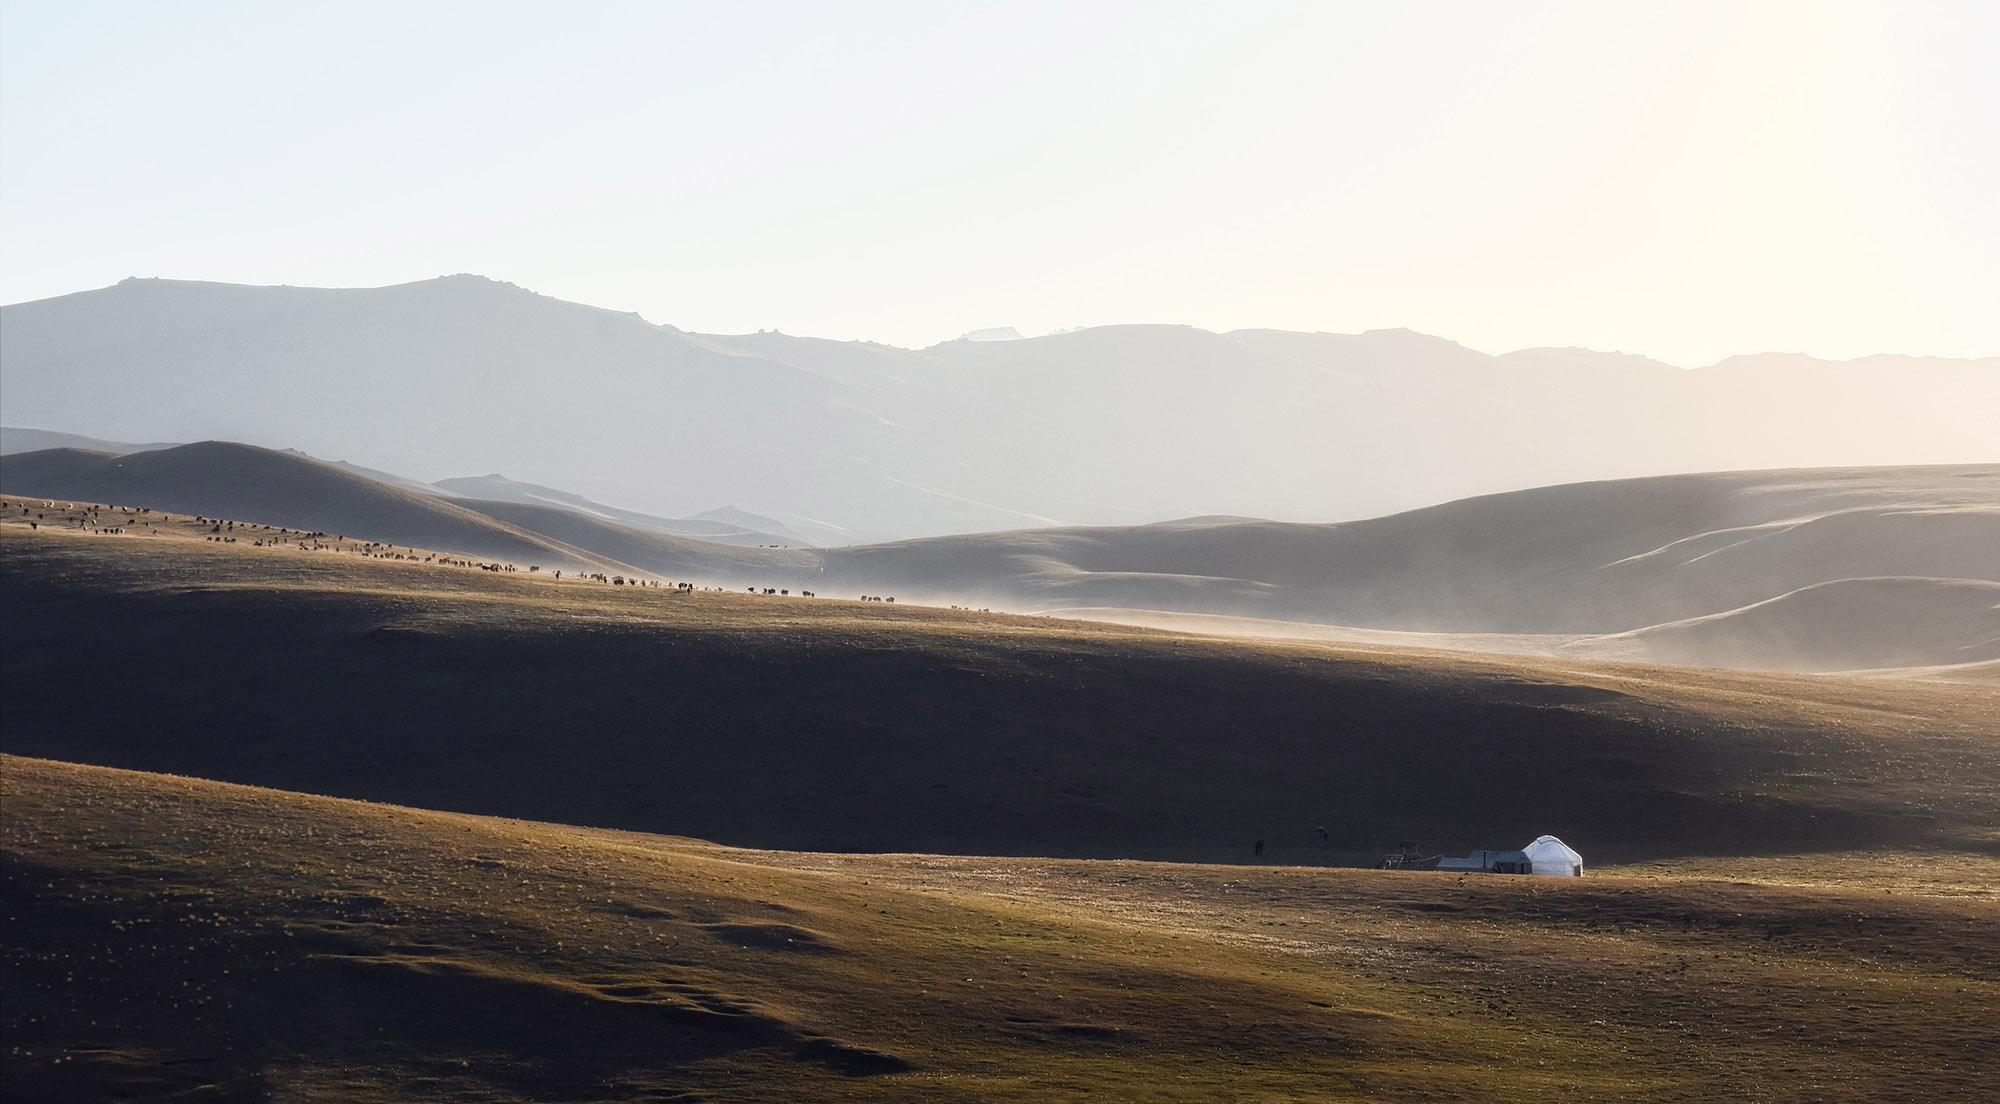 Heuvellandschap in Kirgizstan bij Son-Kol bij zonsopkomst